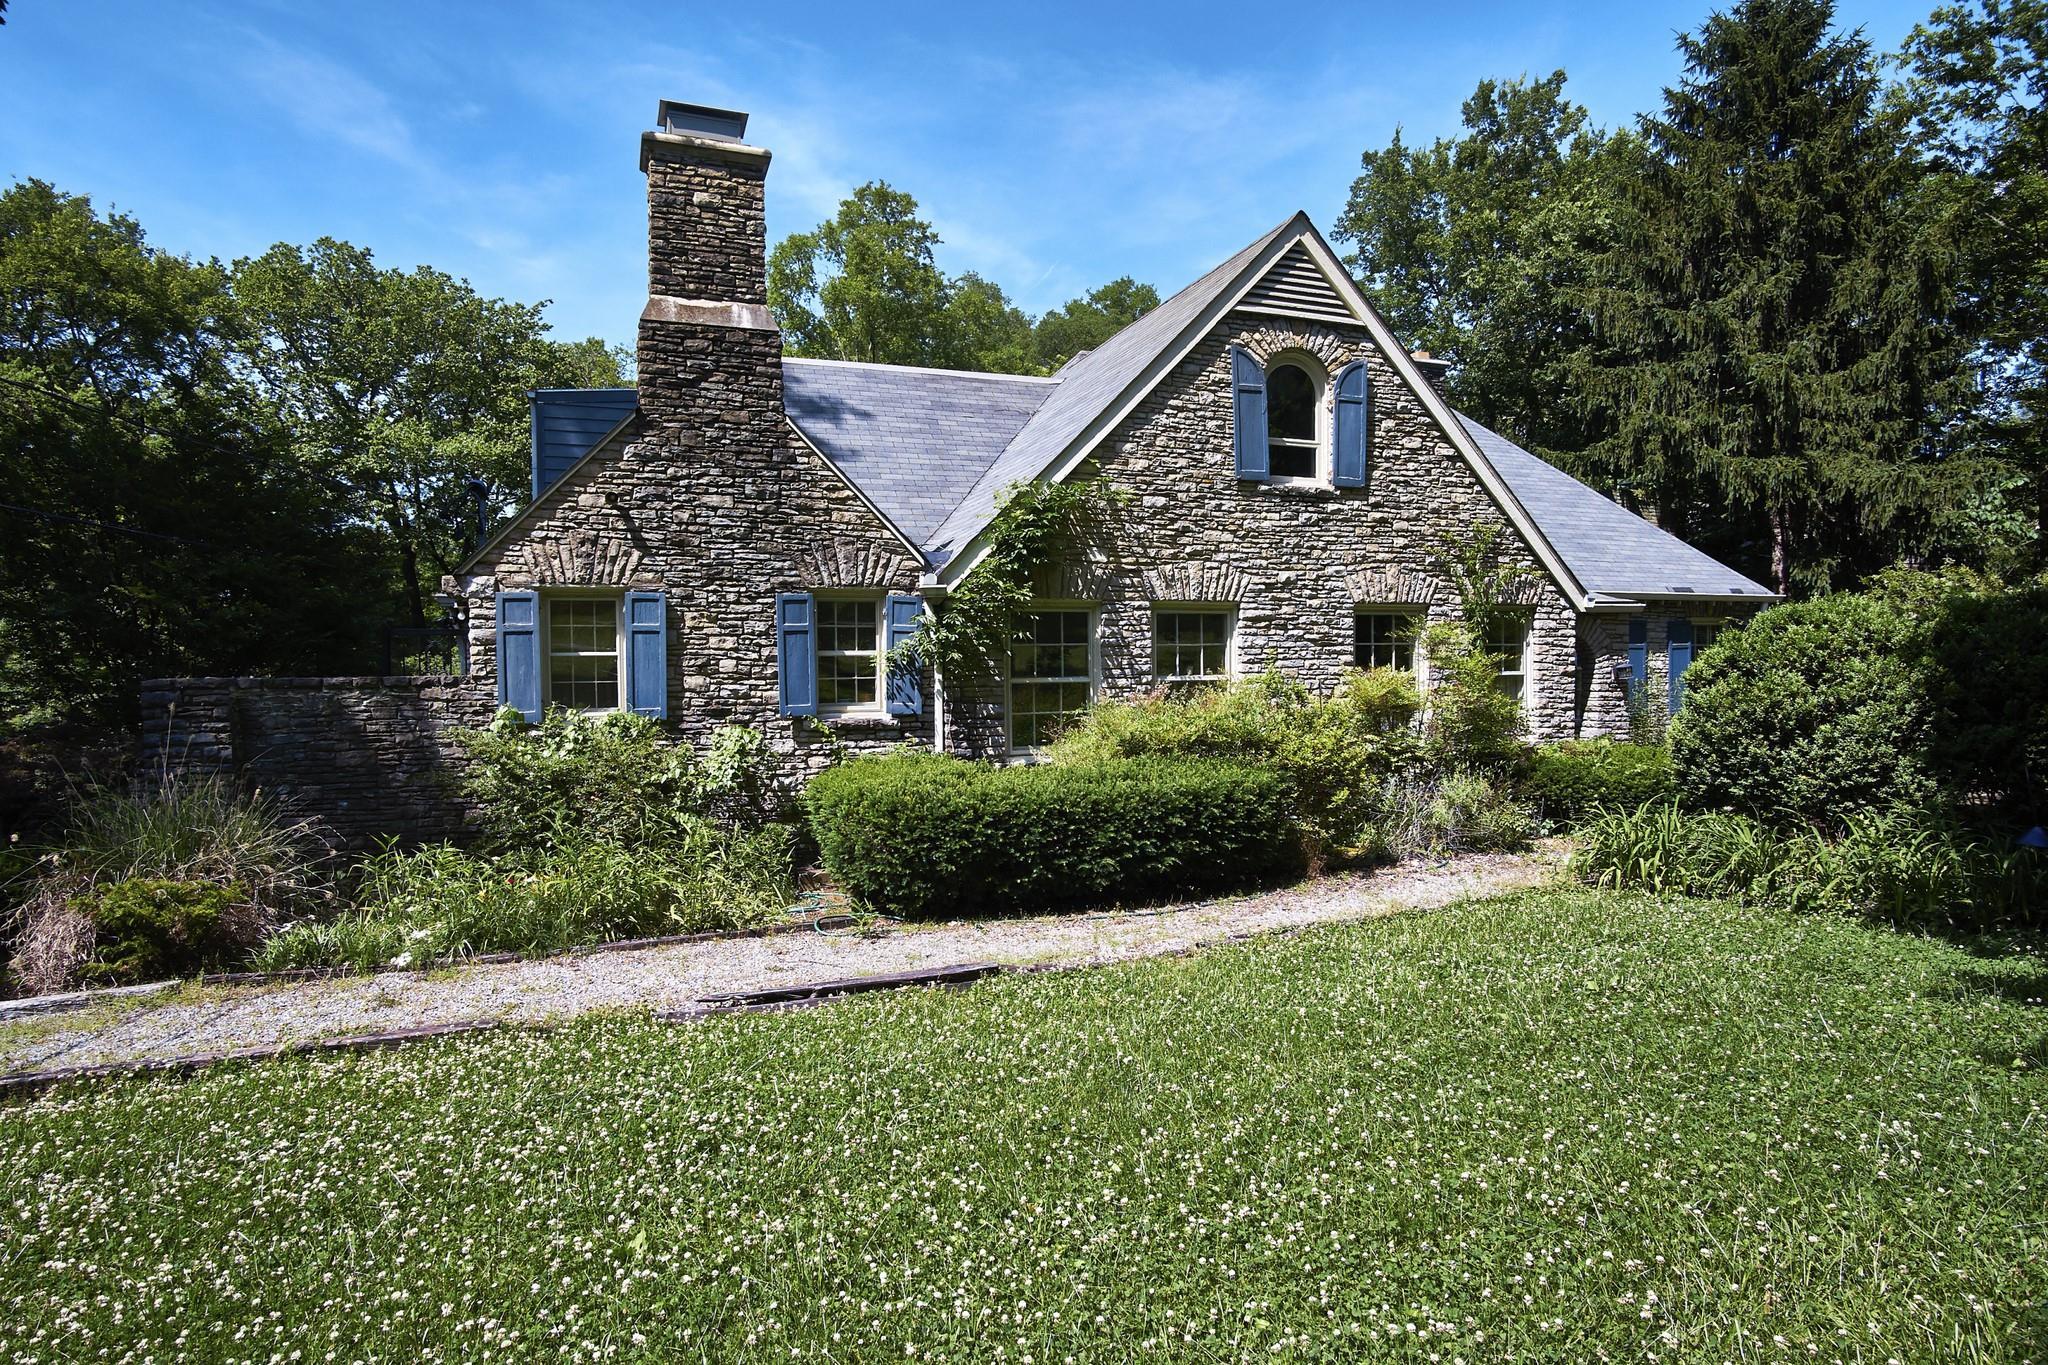 $3,200,000 - 5Br/3Ba -  for Sale in Green Hills, Nashville